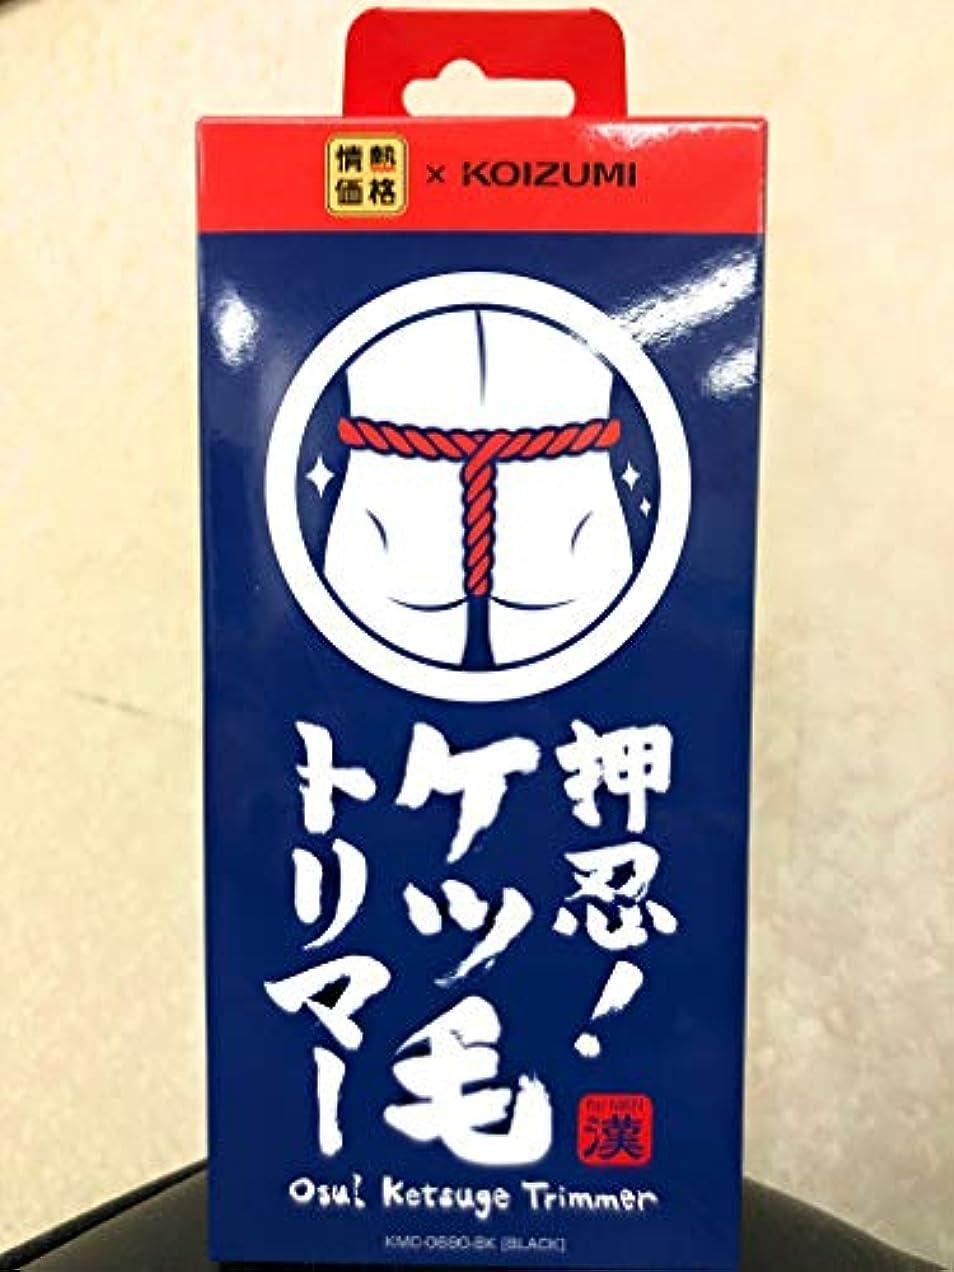 スタウトエキサイティングドラフトKOIZUMI 押忍!ケツ毛トリマー LEDライト搭載 KMC-0690-BK for MEN